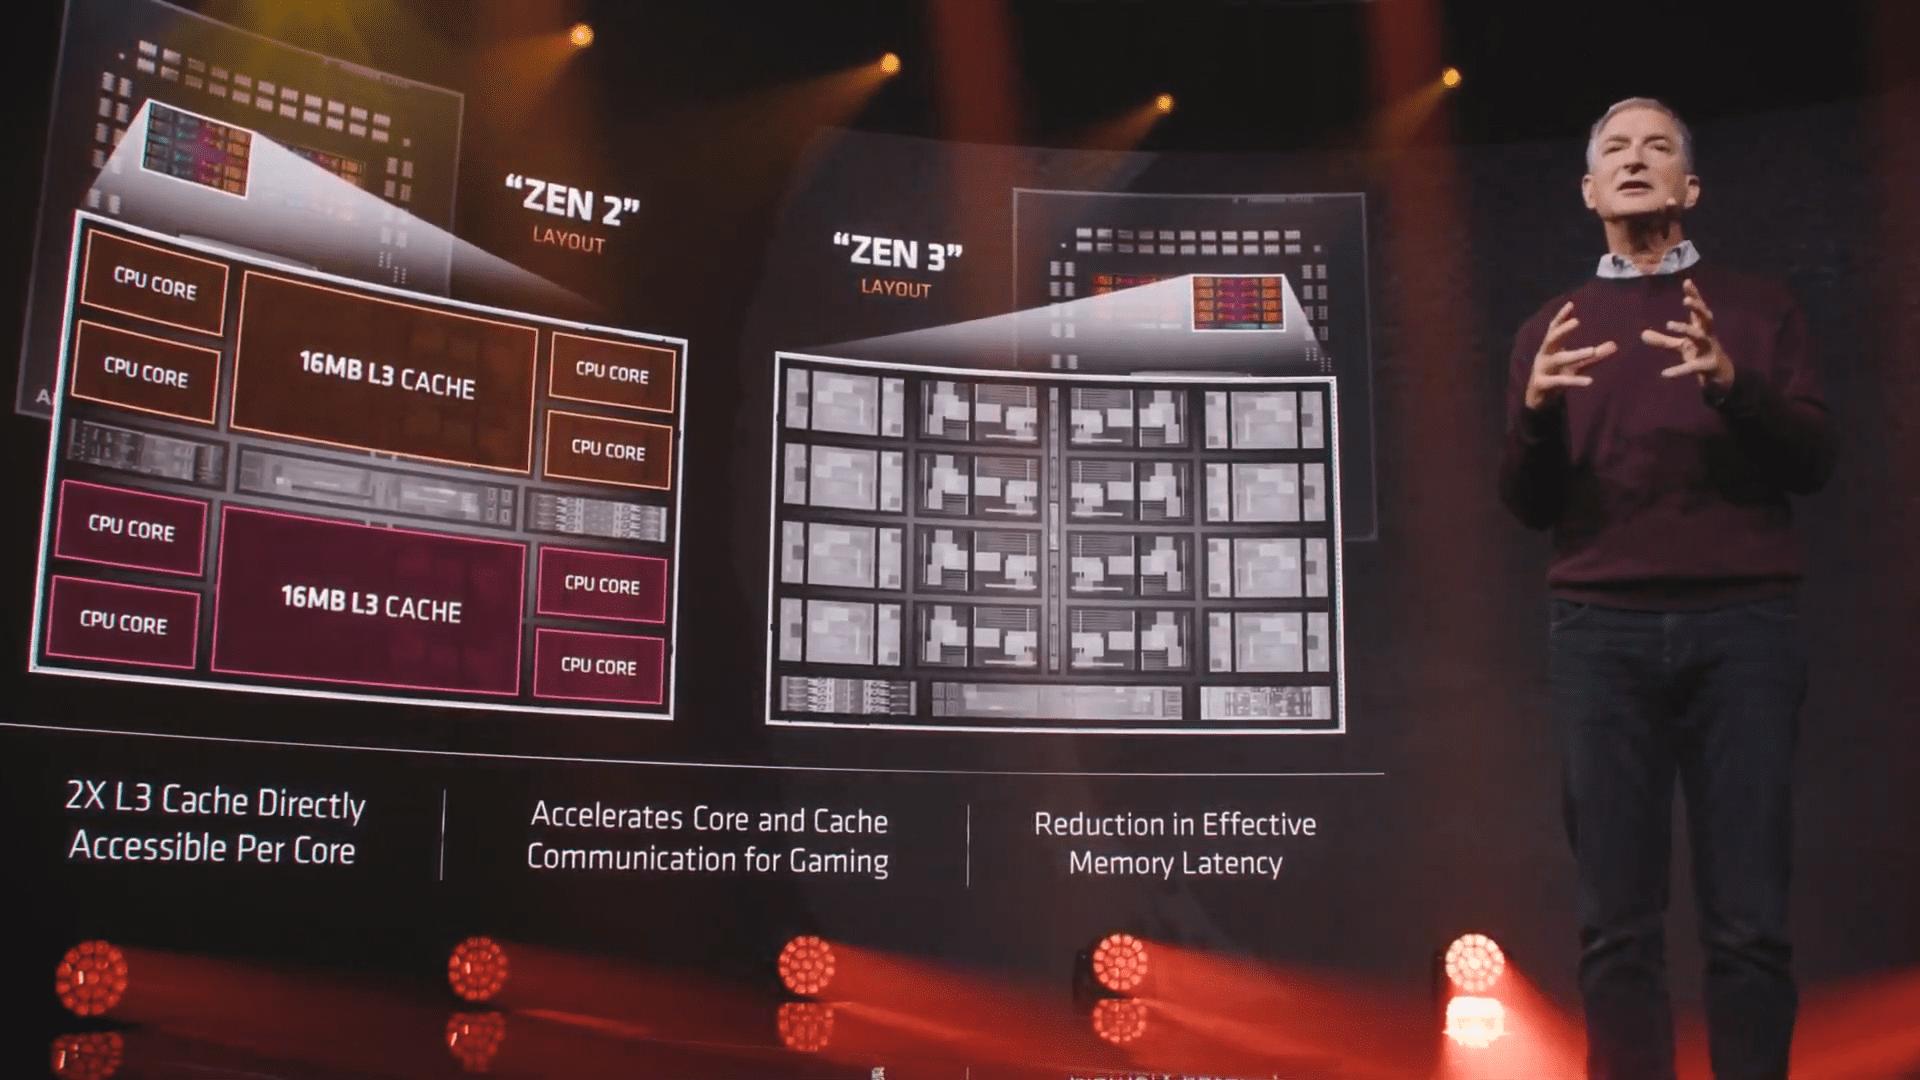 A arquitetura Zen 3 traz layout novo dos núcleos dentro do chip. (Foto: Reprodução/YouTube/AMD)